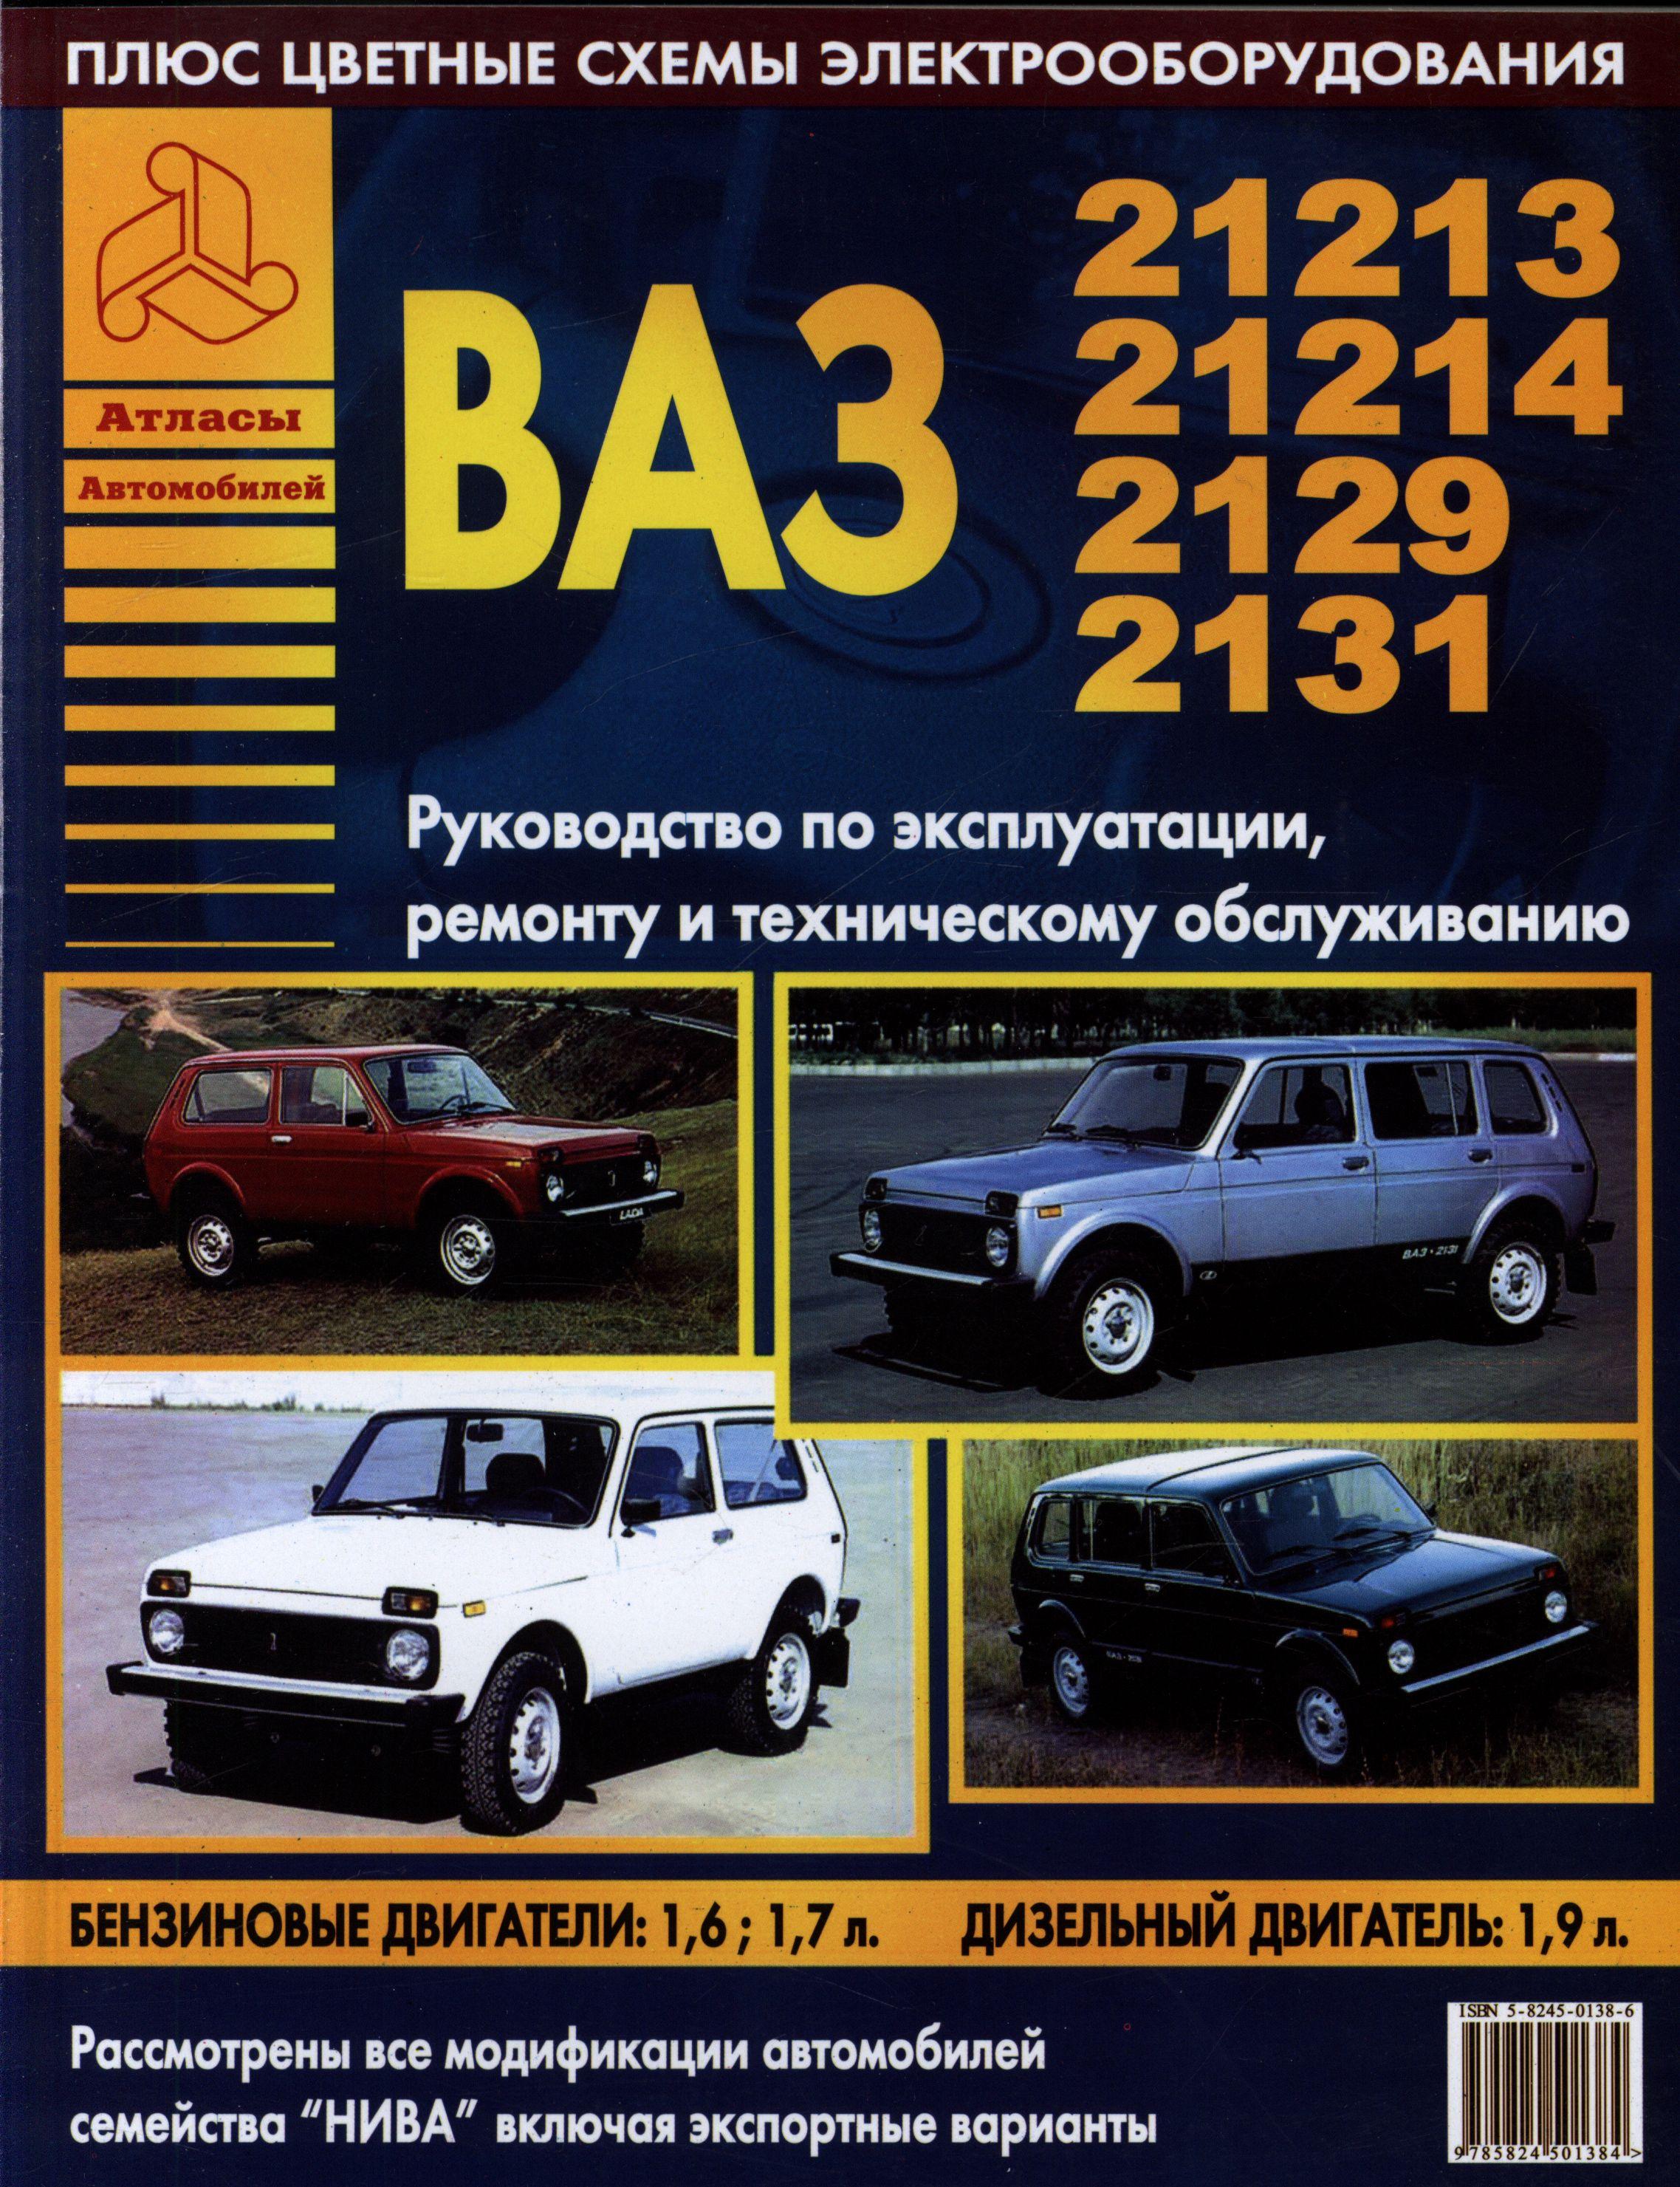 ВАЗ 2131 / 21213 / 21214 / 2129 бензин / дизель Книга по ремонту и техническому обслуживанию